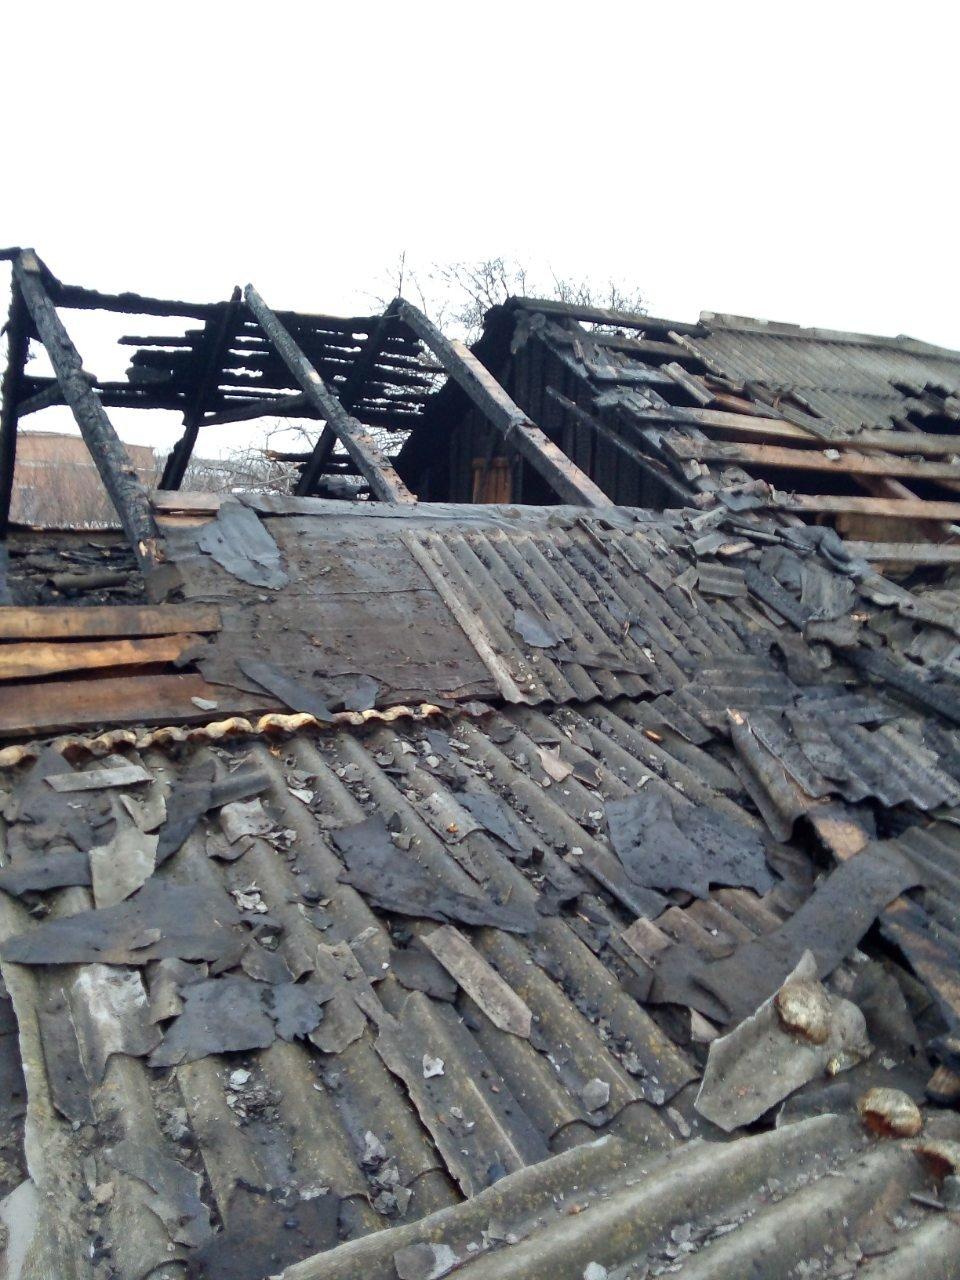 На Харьковщине спасатели несколько часов тушили загоревшийся частный дом, - ФОТО, фото-4